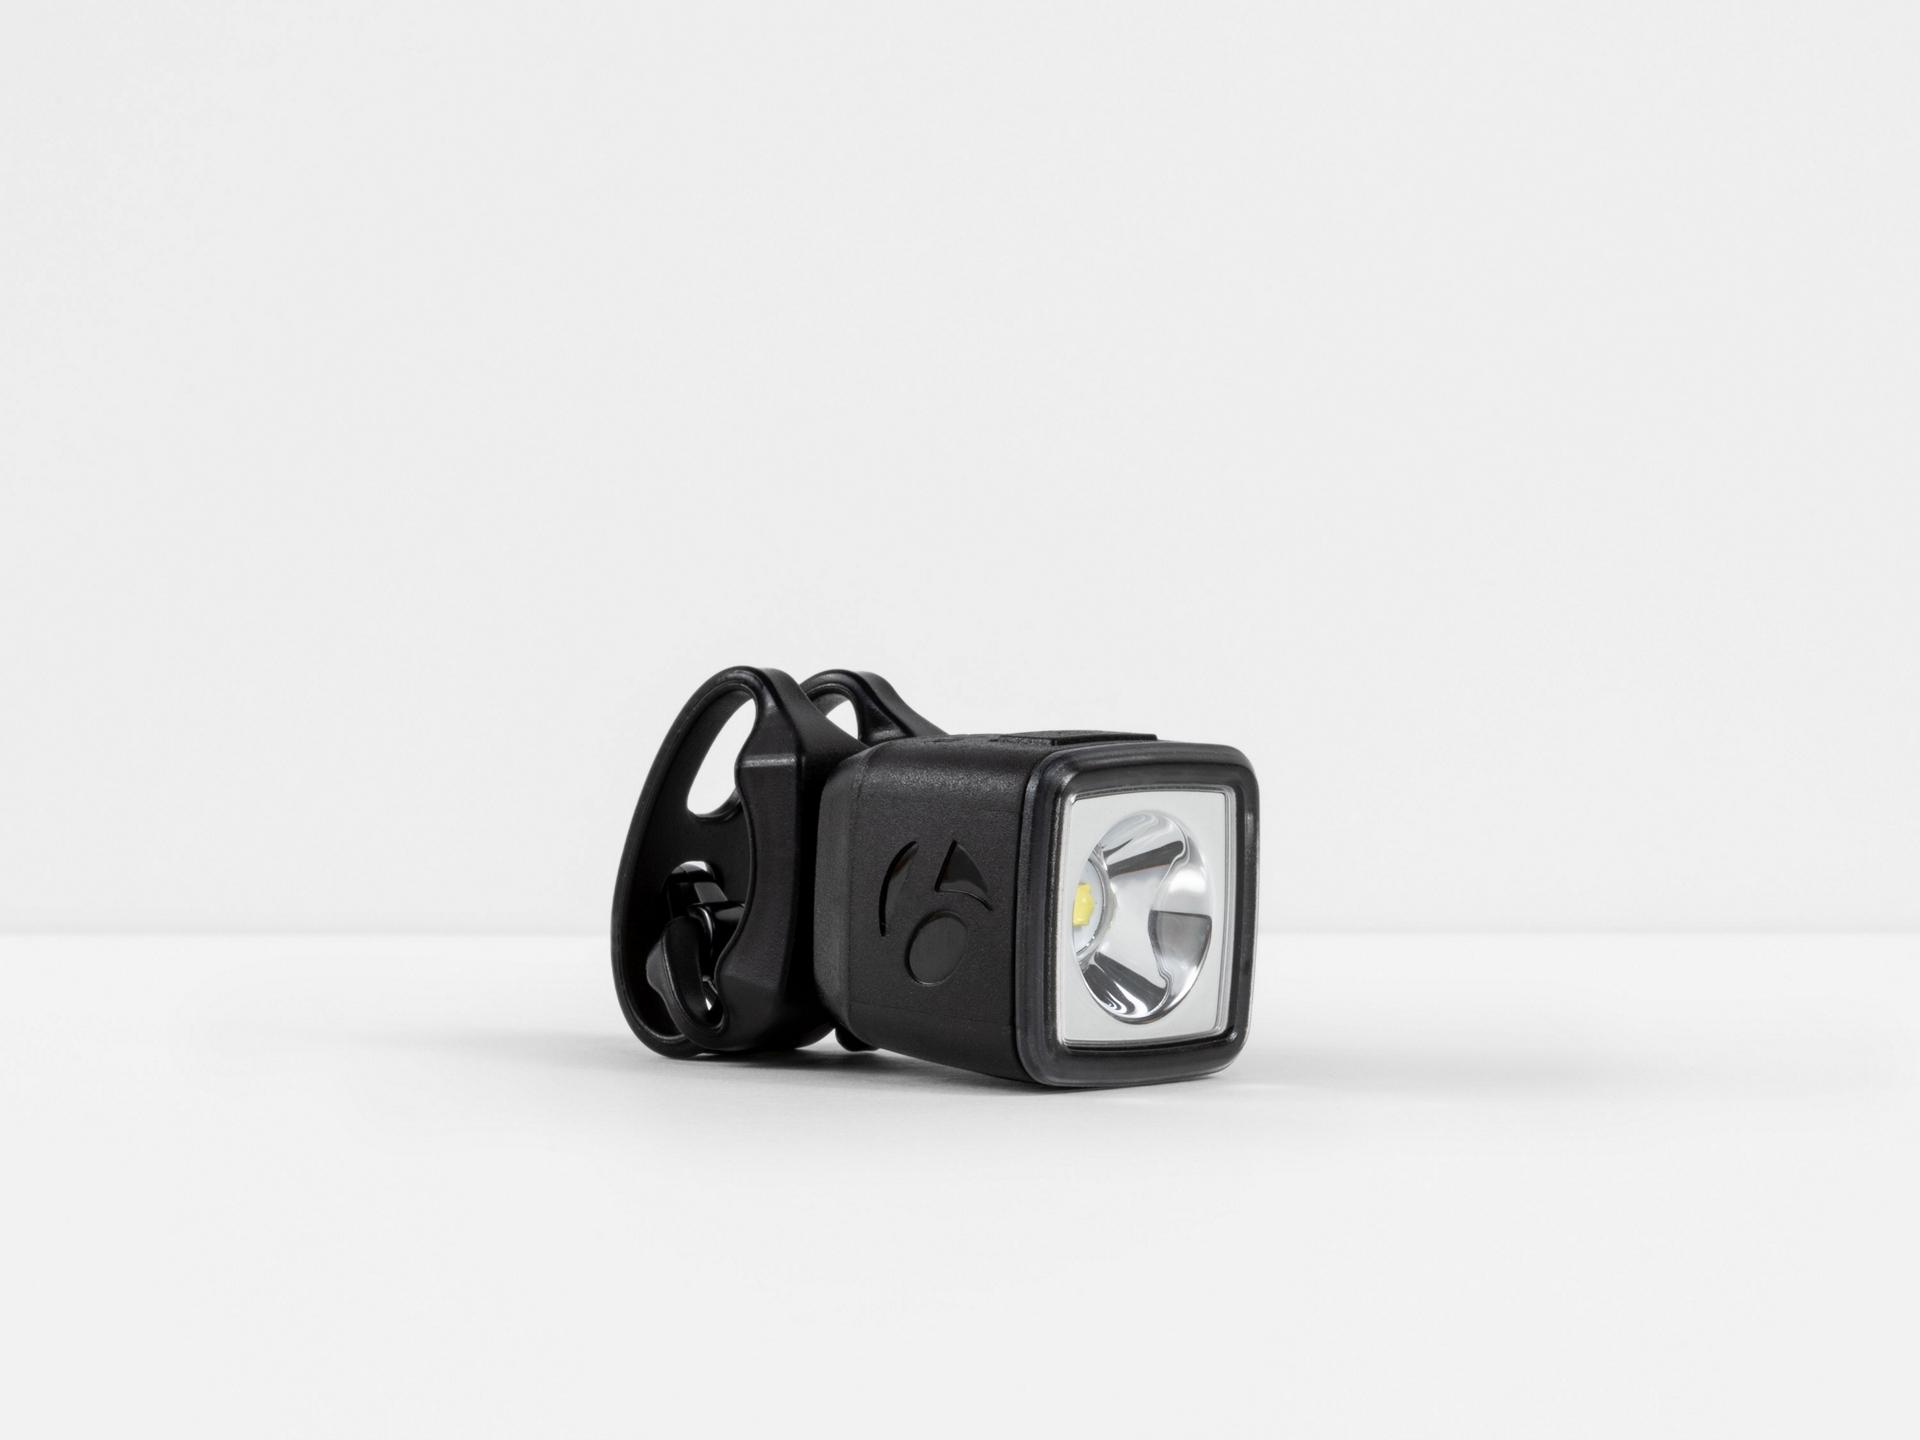 Luz delantera de ciclismo Bontrager Ion 100 R black